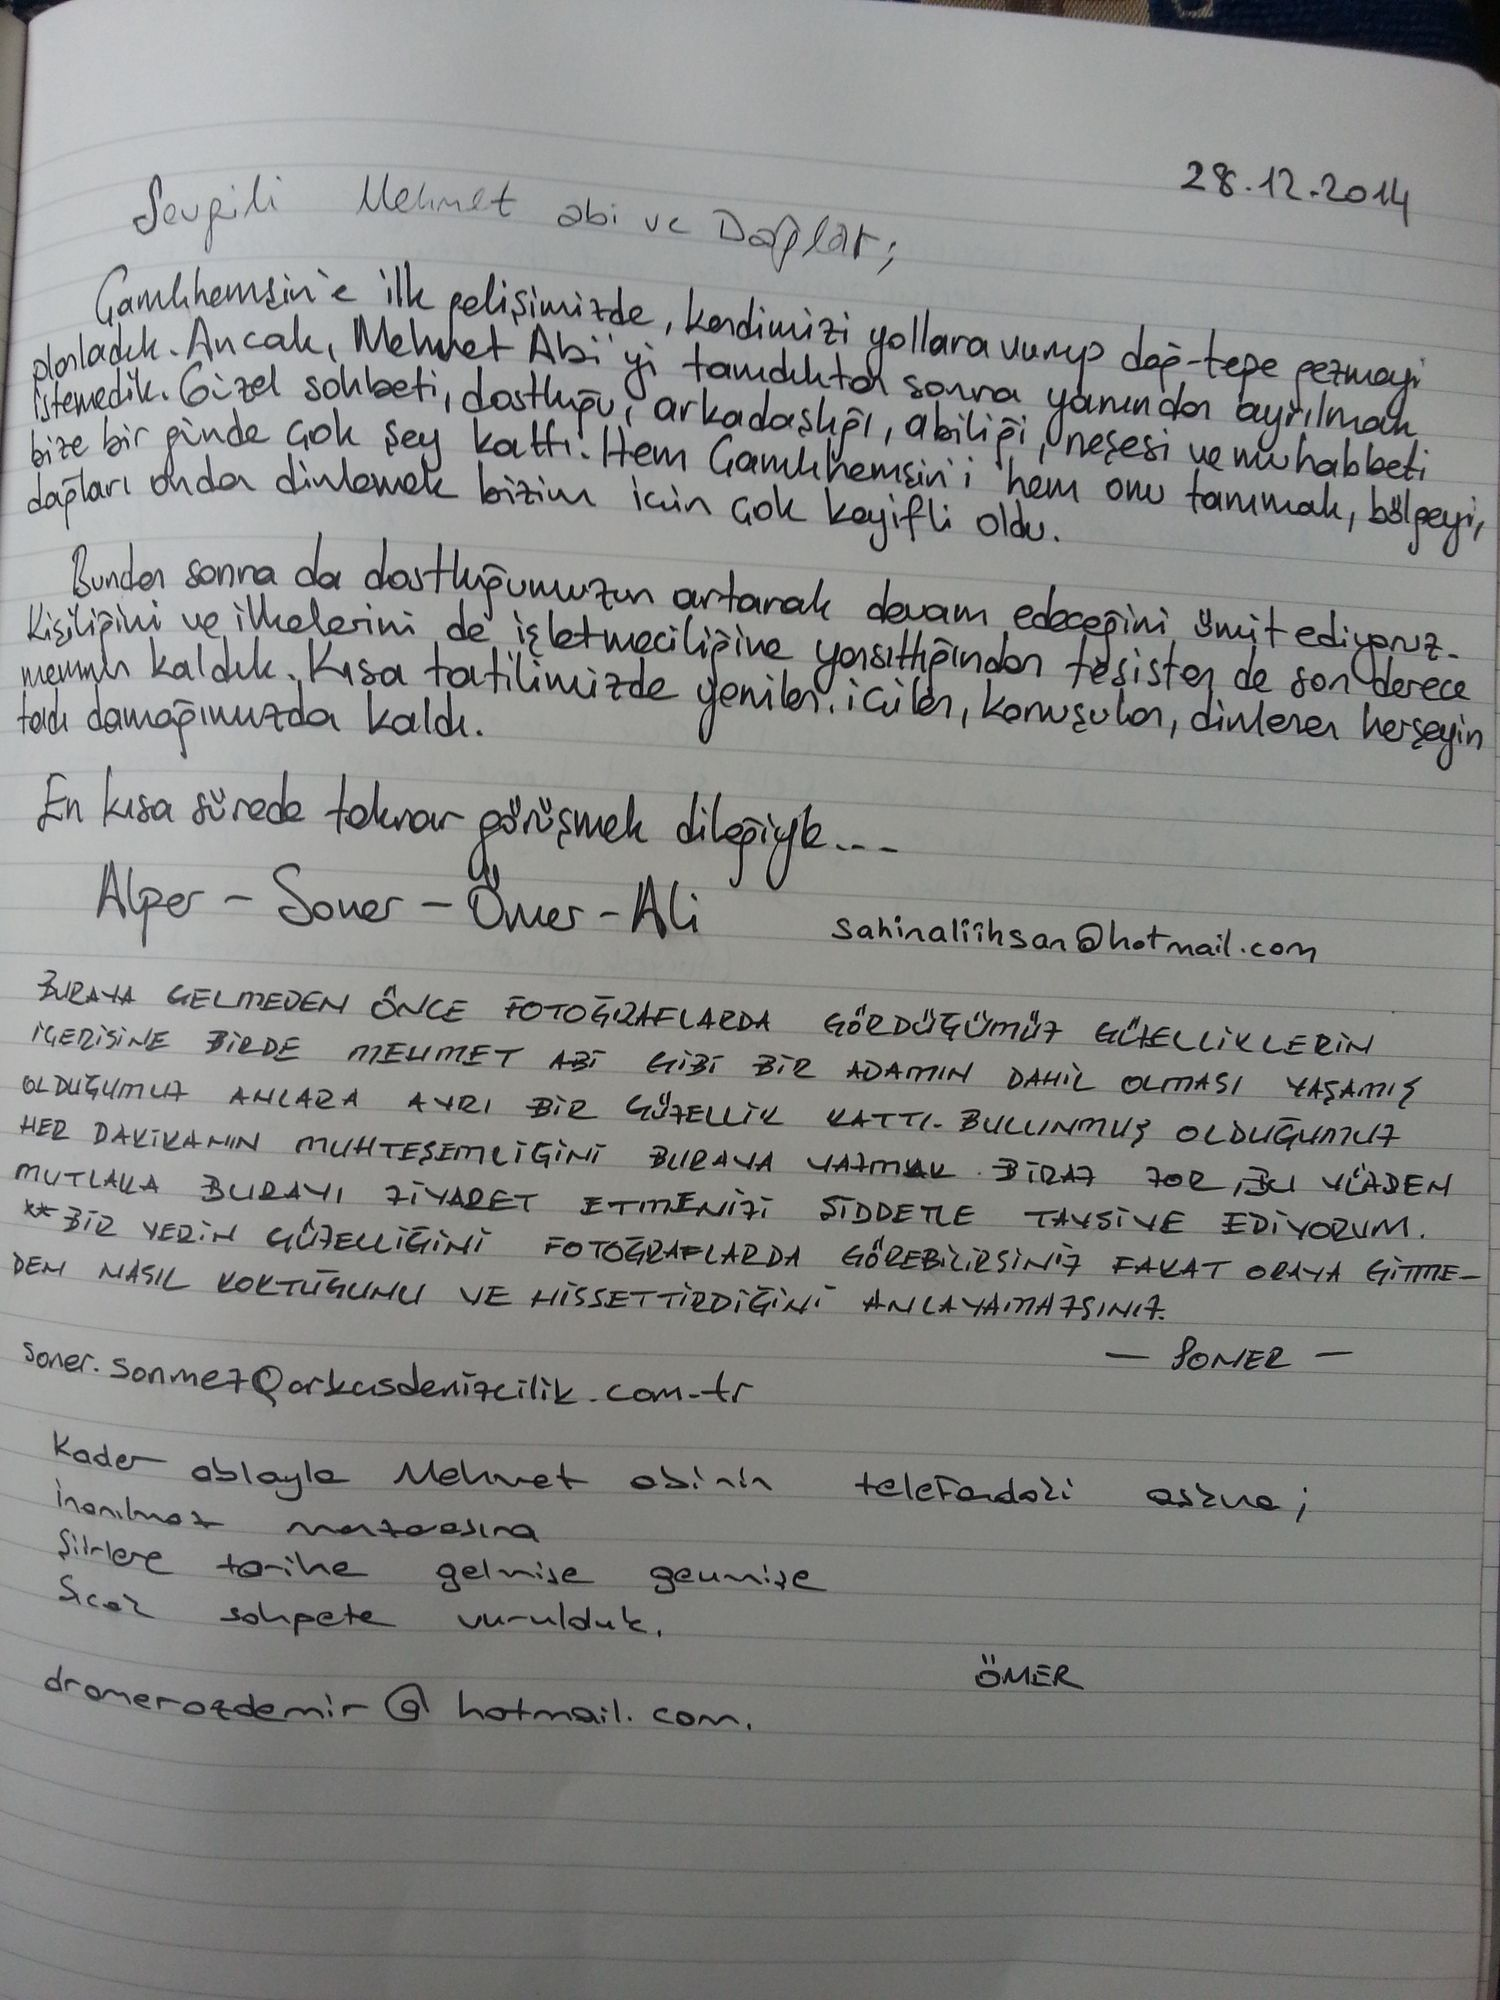 ekodanitap_referanslar_2